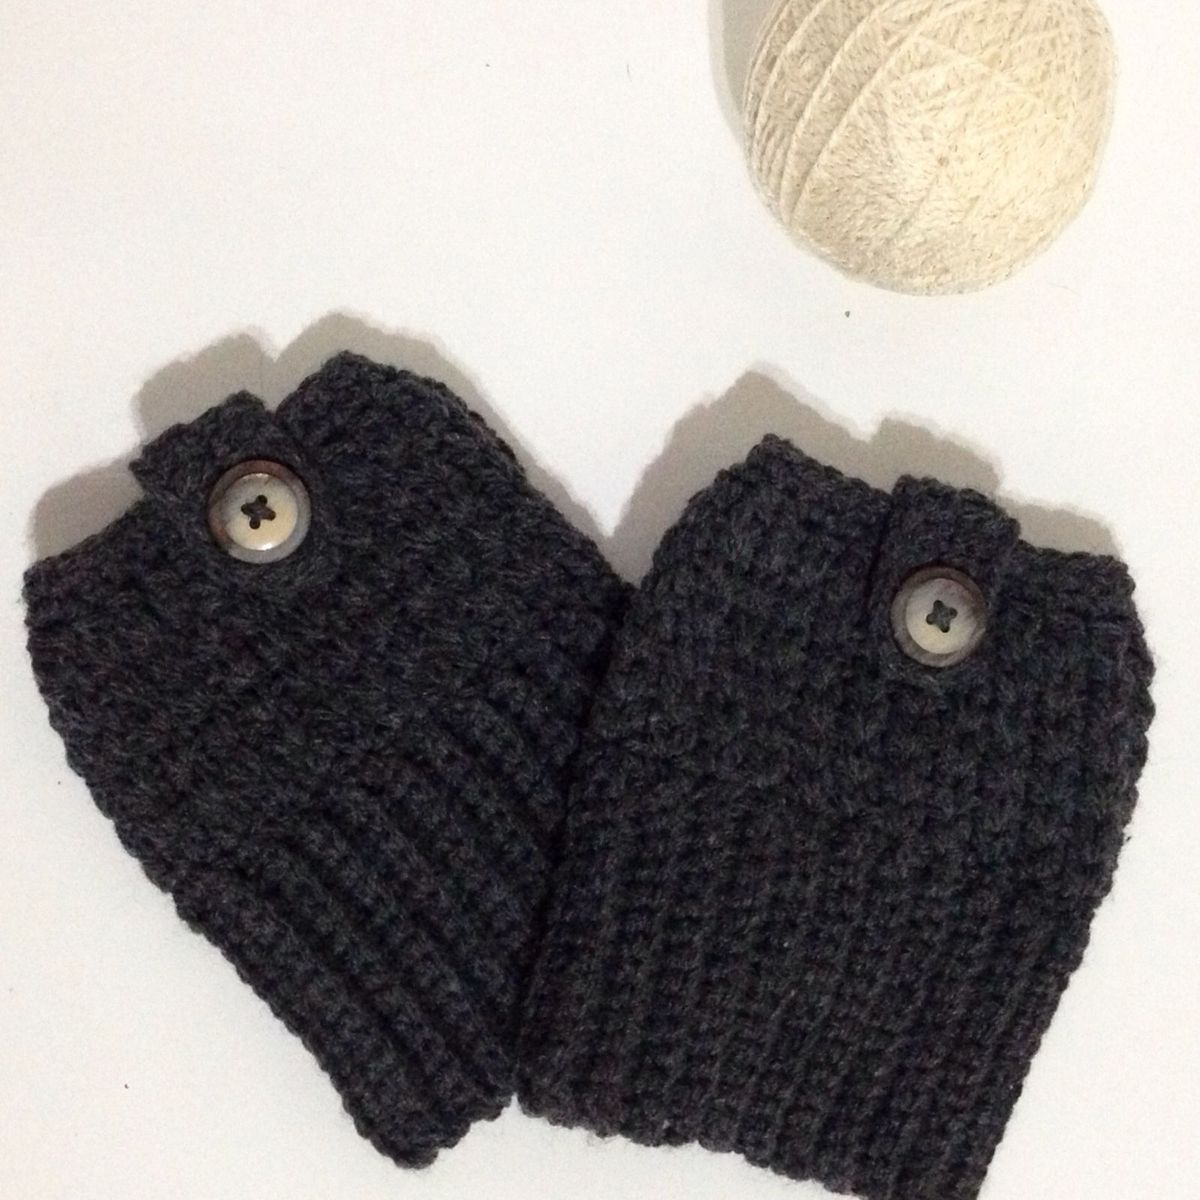 e82a0632c Boot Cuff de Crochê - Mini Polaina | Meia Calça Feminina Ateliê Da Chan  Nunca Usado 16119553 | enjoei